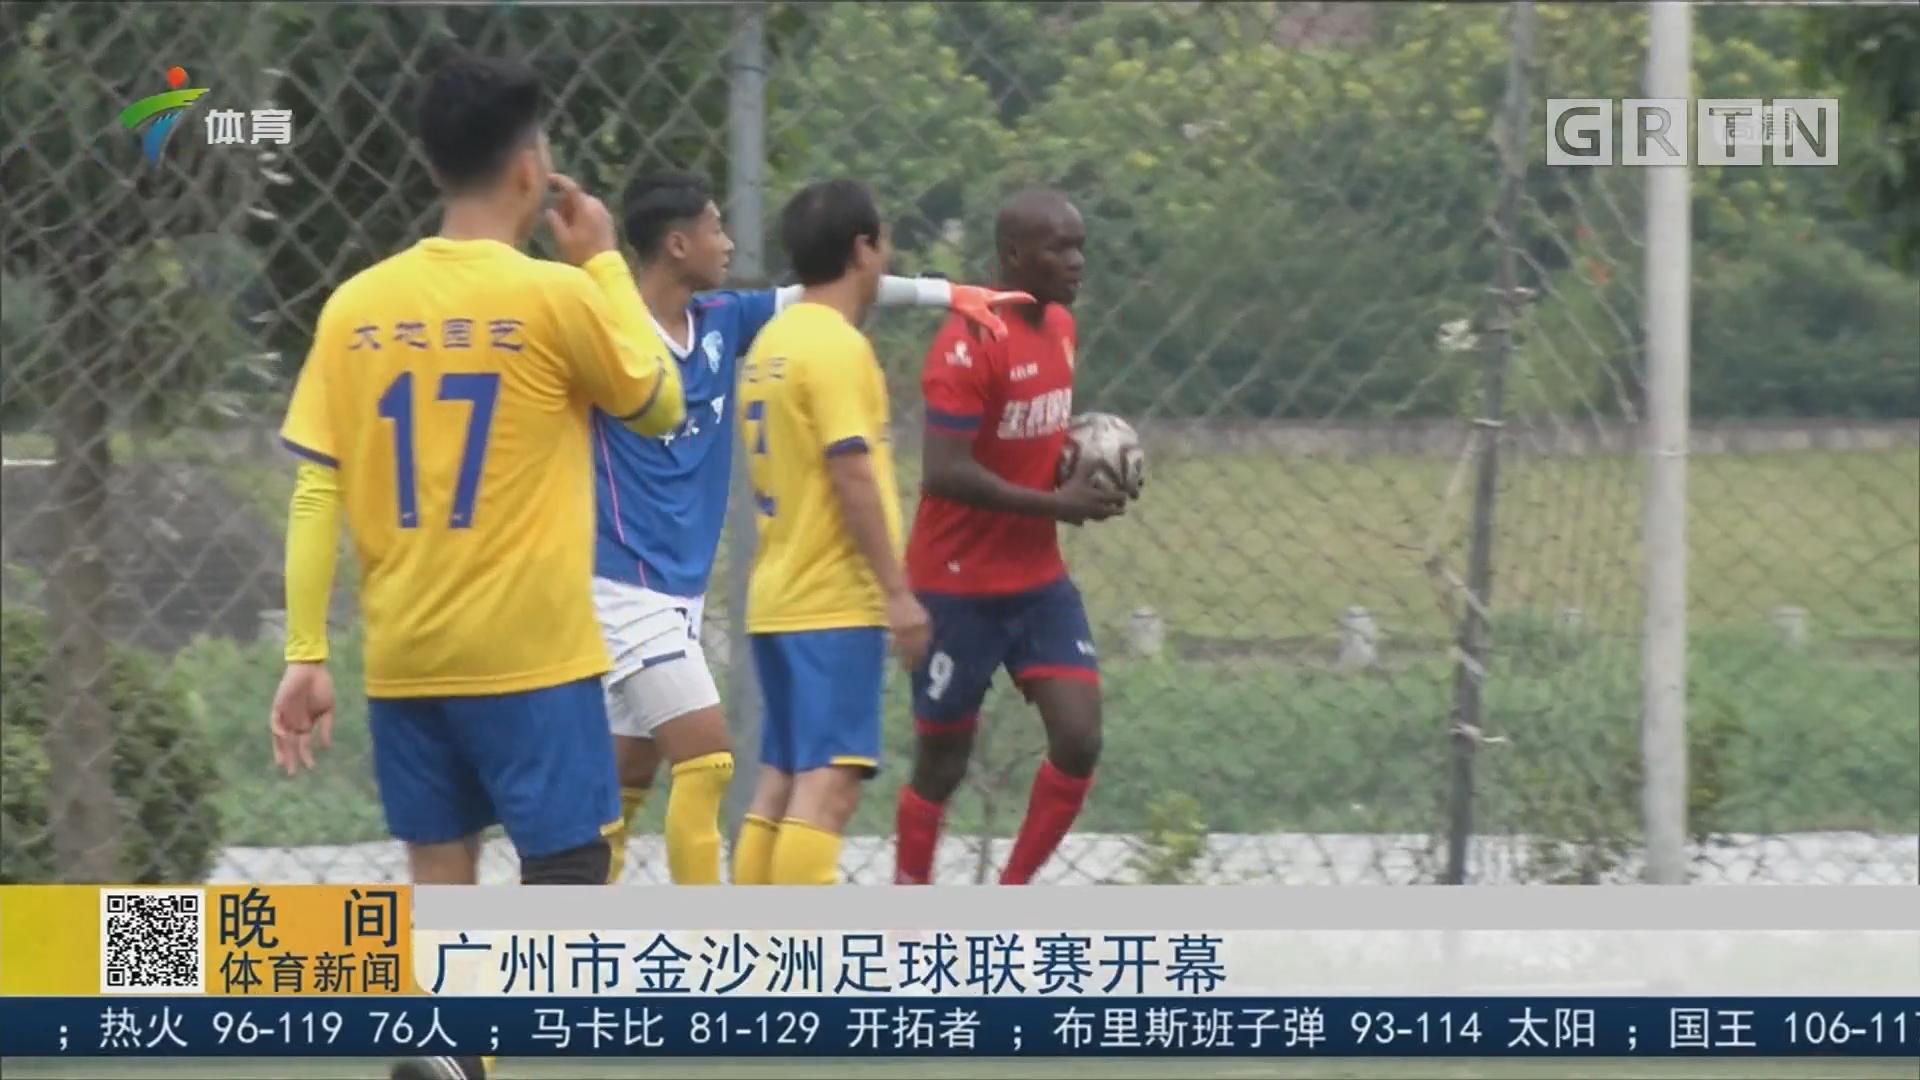 广州市金沙洲足球联赛开幕